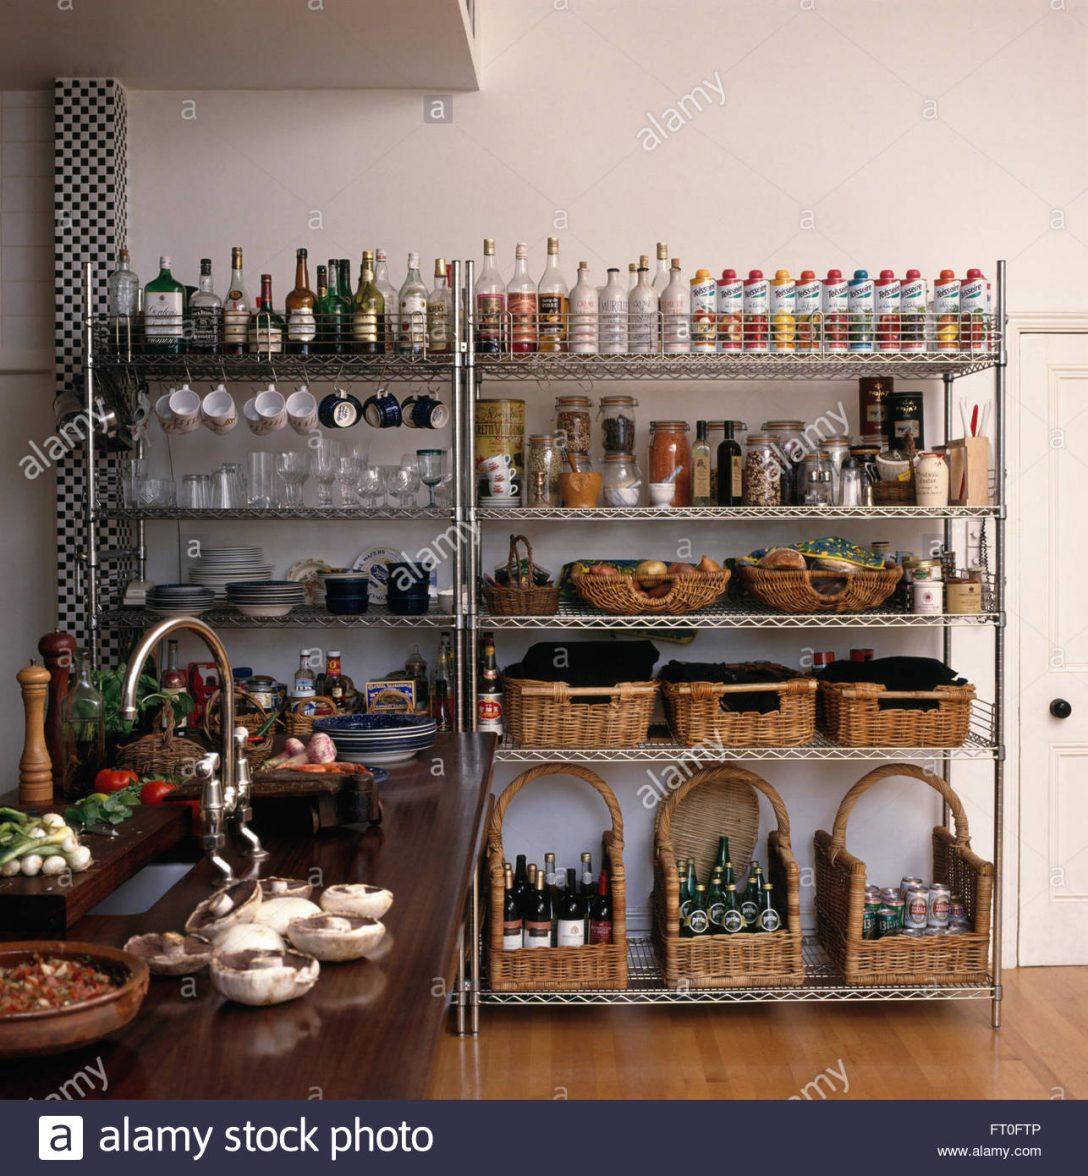 Large Size of Aufbewahrung Krbe Und Reihen Von Flaschen Auf Edelstahl Regale In Industrie Küche Handtuchhalter Deckenlampe Granitplatten Wasserhähne Miniküche Mit Wohnzimmer Aufbewahrung Küche